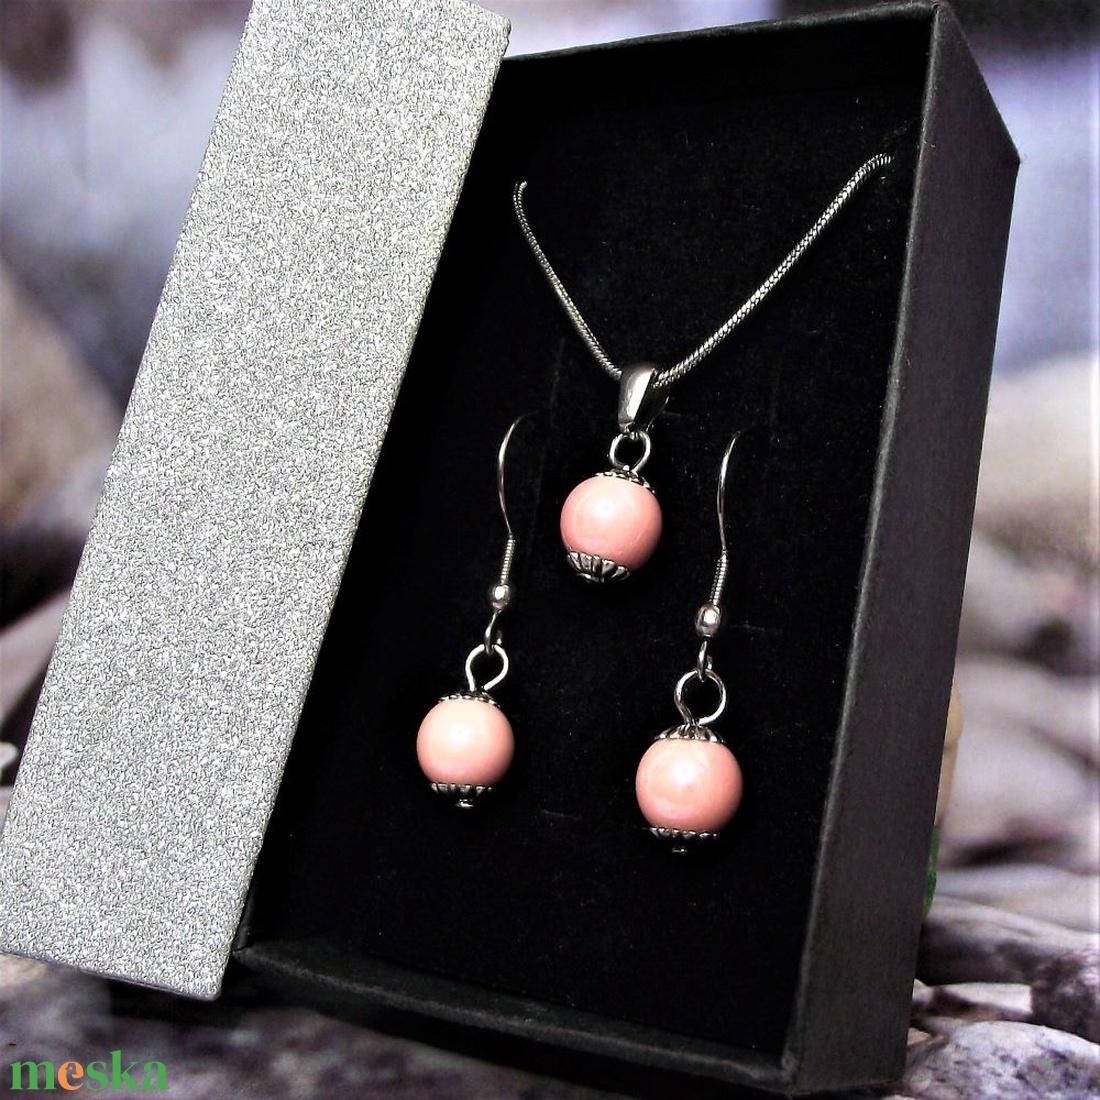 Rózsaszín kerámiagyöngyös nemesacél, orvosi fém nyaklánc és fülbevaló szett ajándék díszdobozban  - ékszer - ékszerszett - Meska.hu